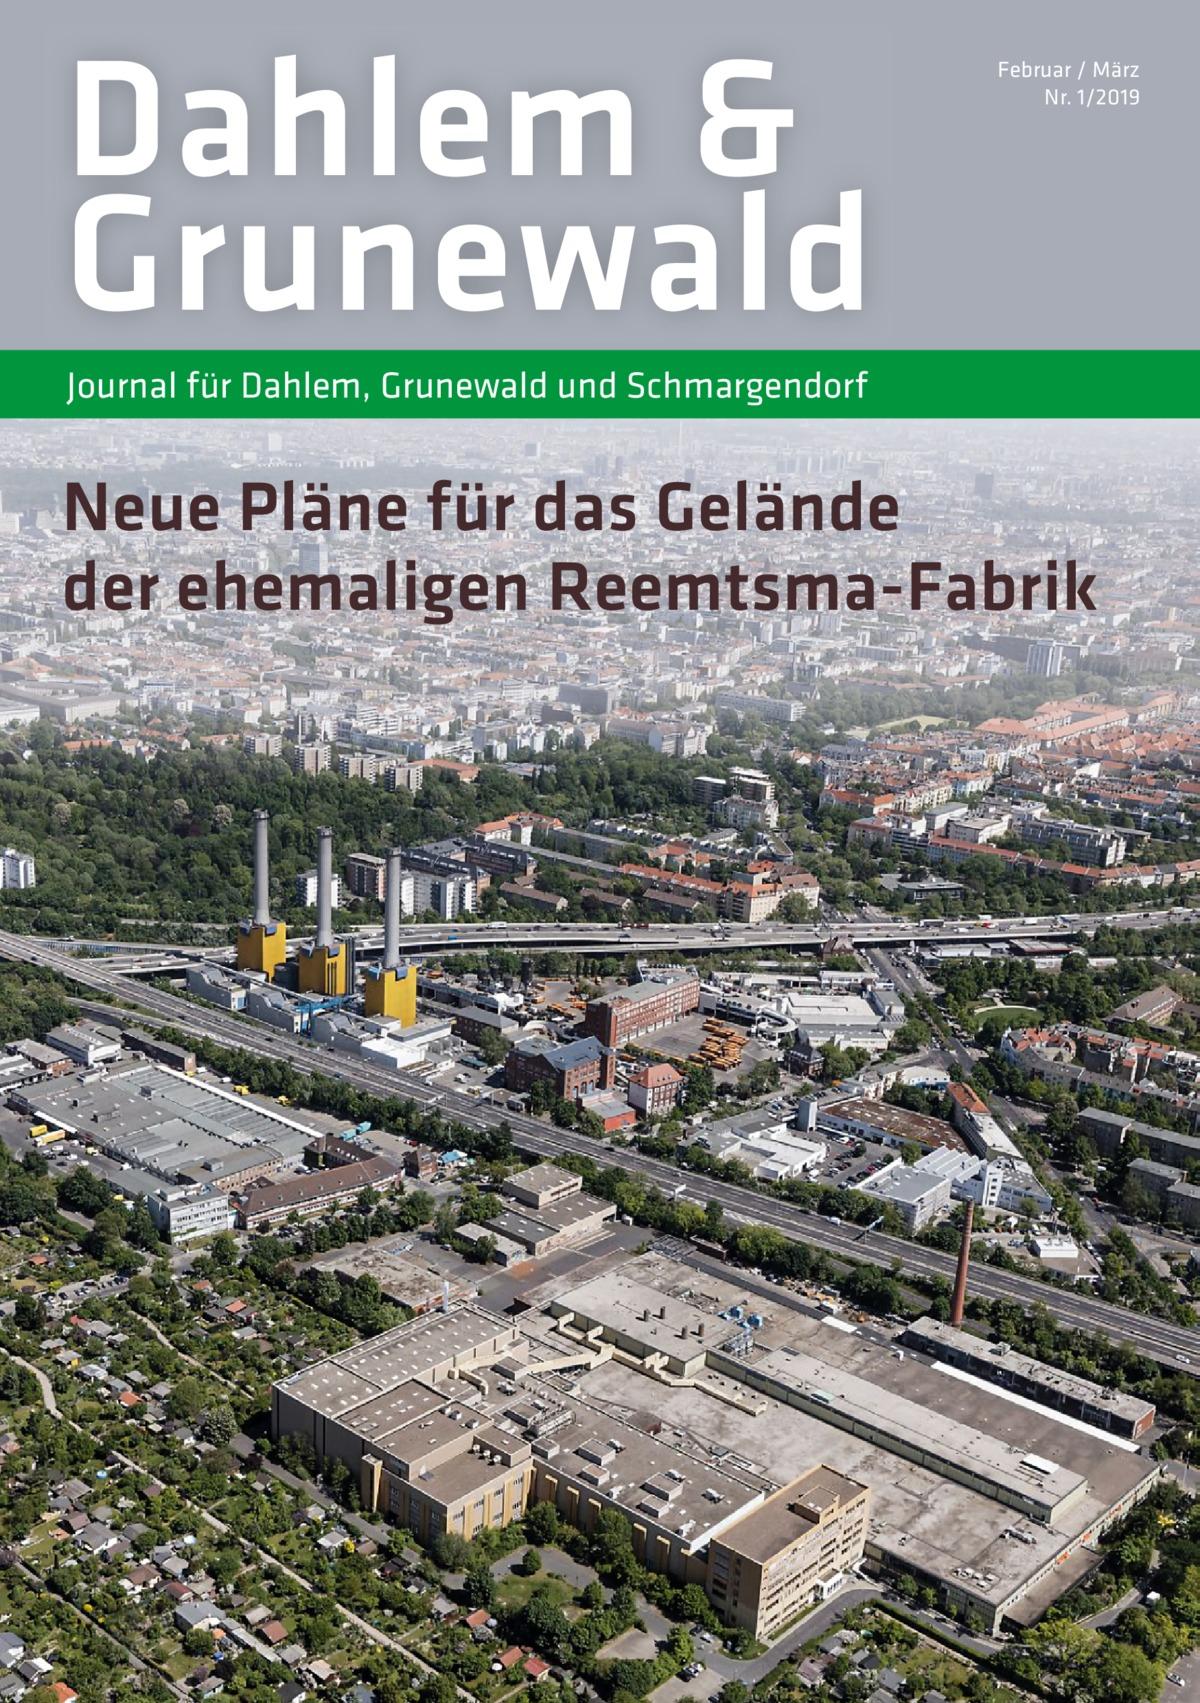 Dahlem & Grunewald  Februar / März Nr. 1/2019  Journal für Dahlem, Grunewald und Schmargendorf  Neue Pläne für das Gelände der ehemaligen Reemtsma-Fabrik